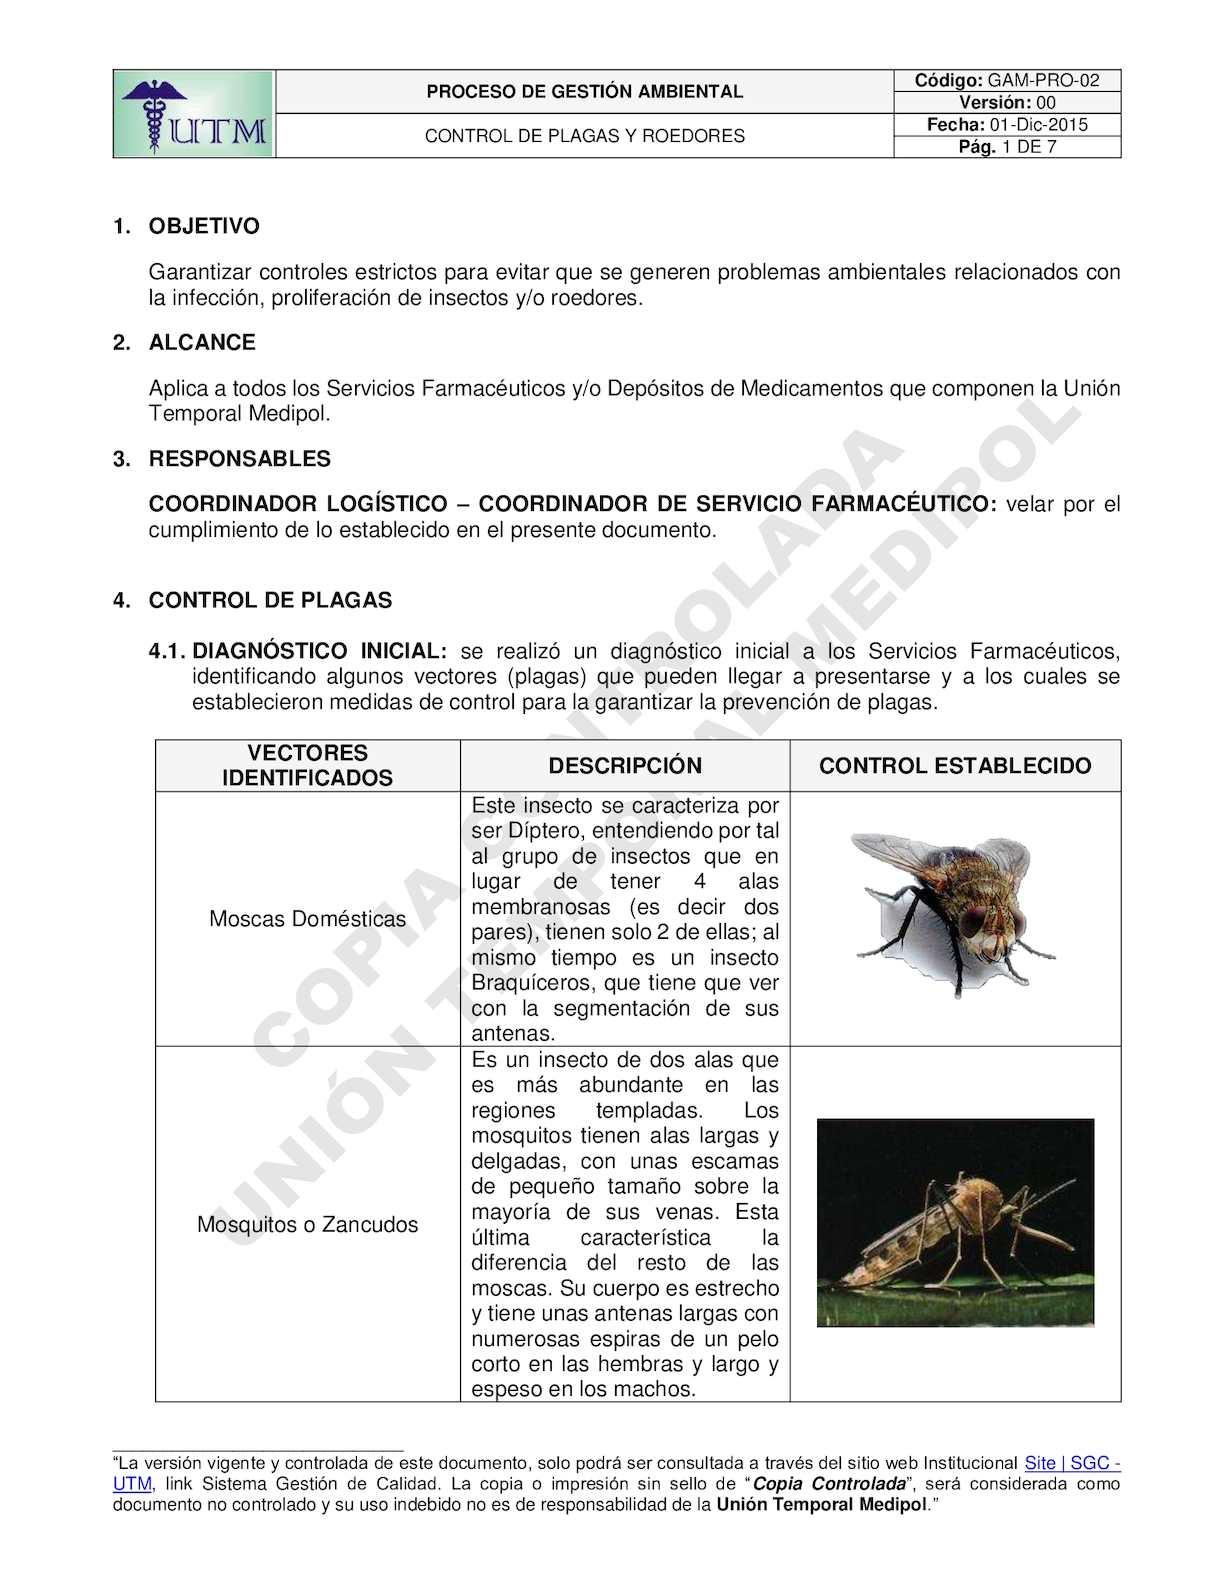 GAM-PRO-02 - PROCEDIMIENTO - CONTROL DE PLAGAS Y ROEDORES